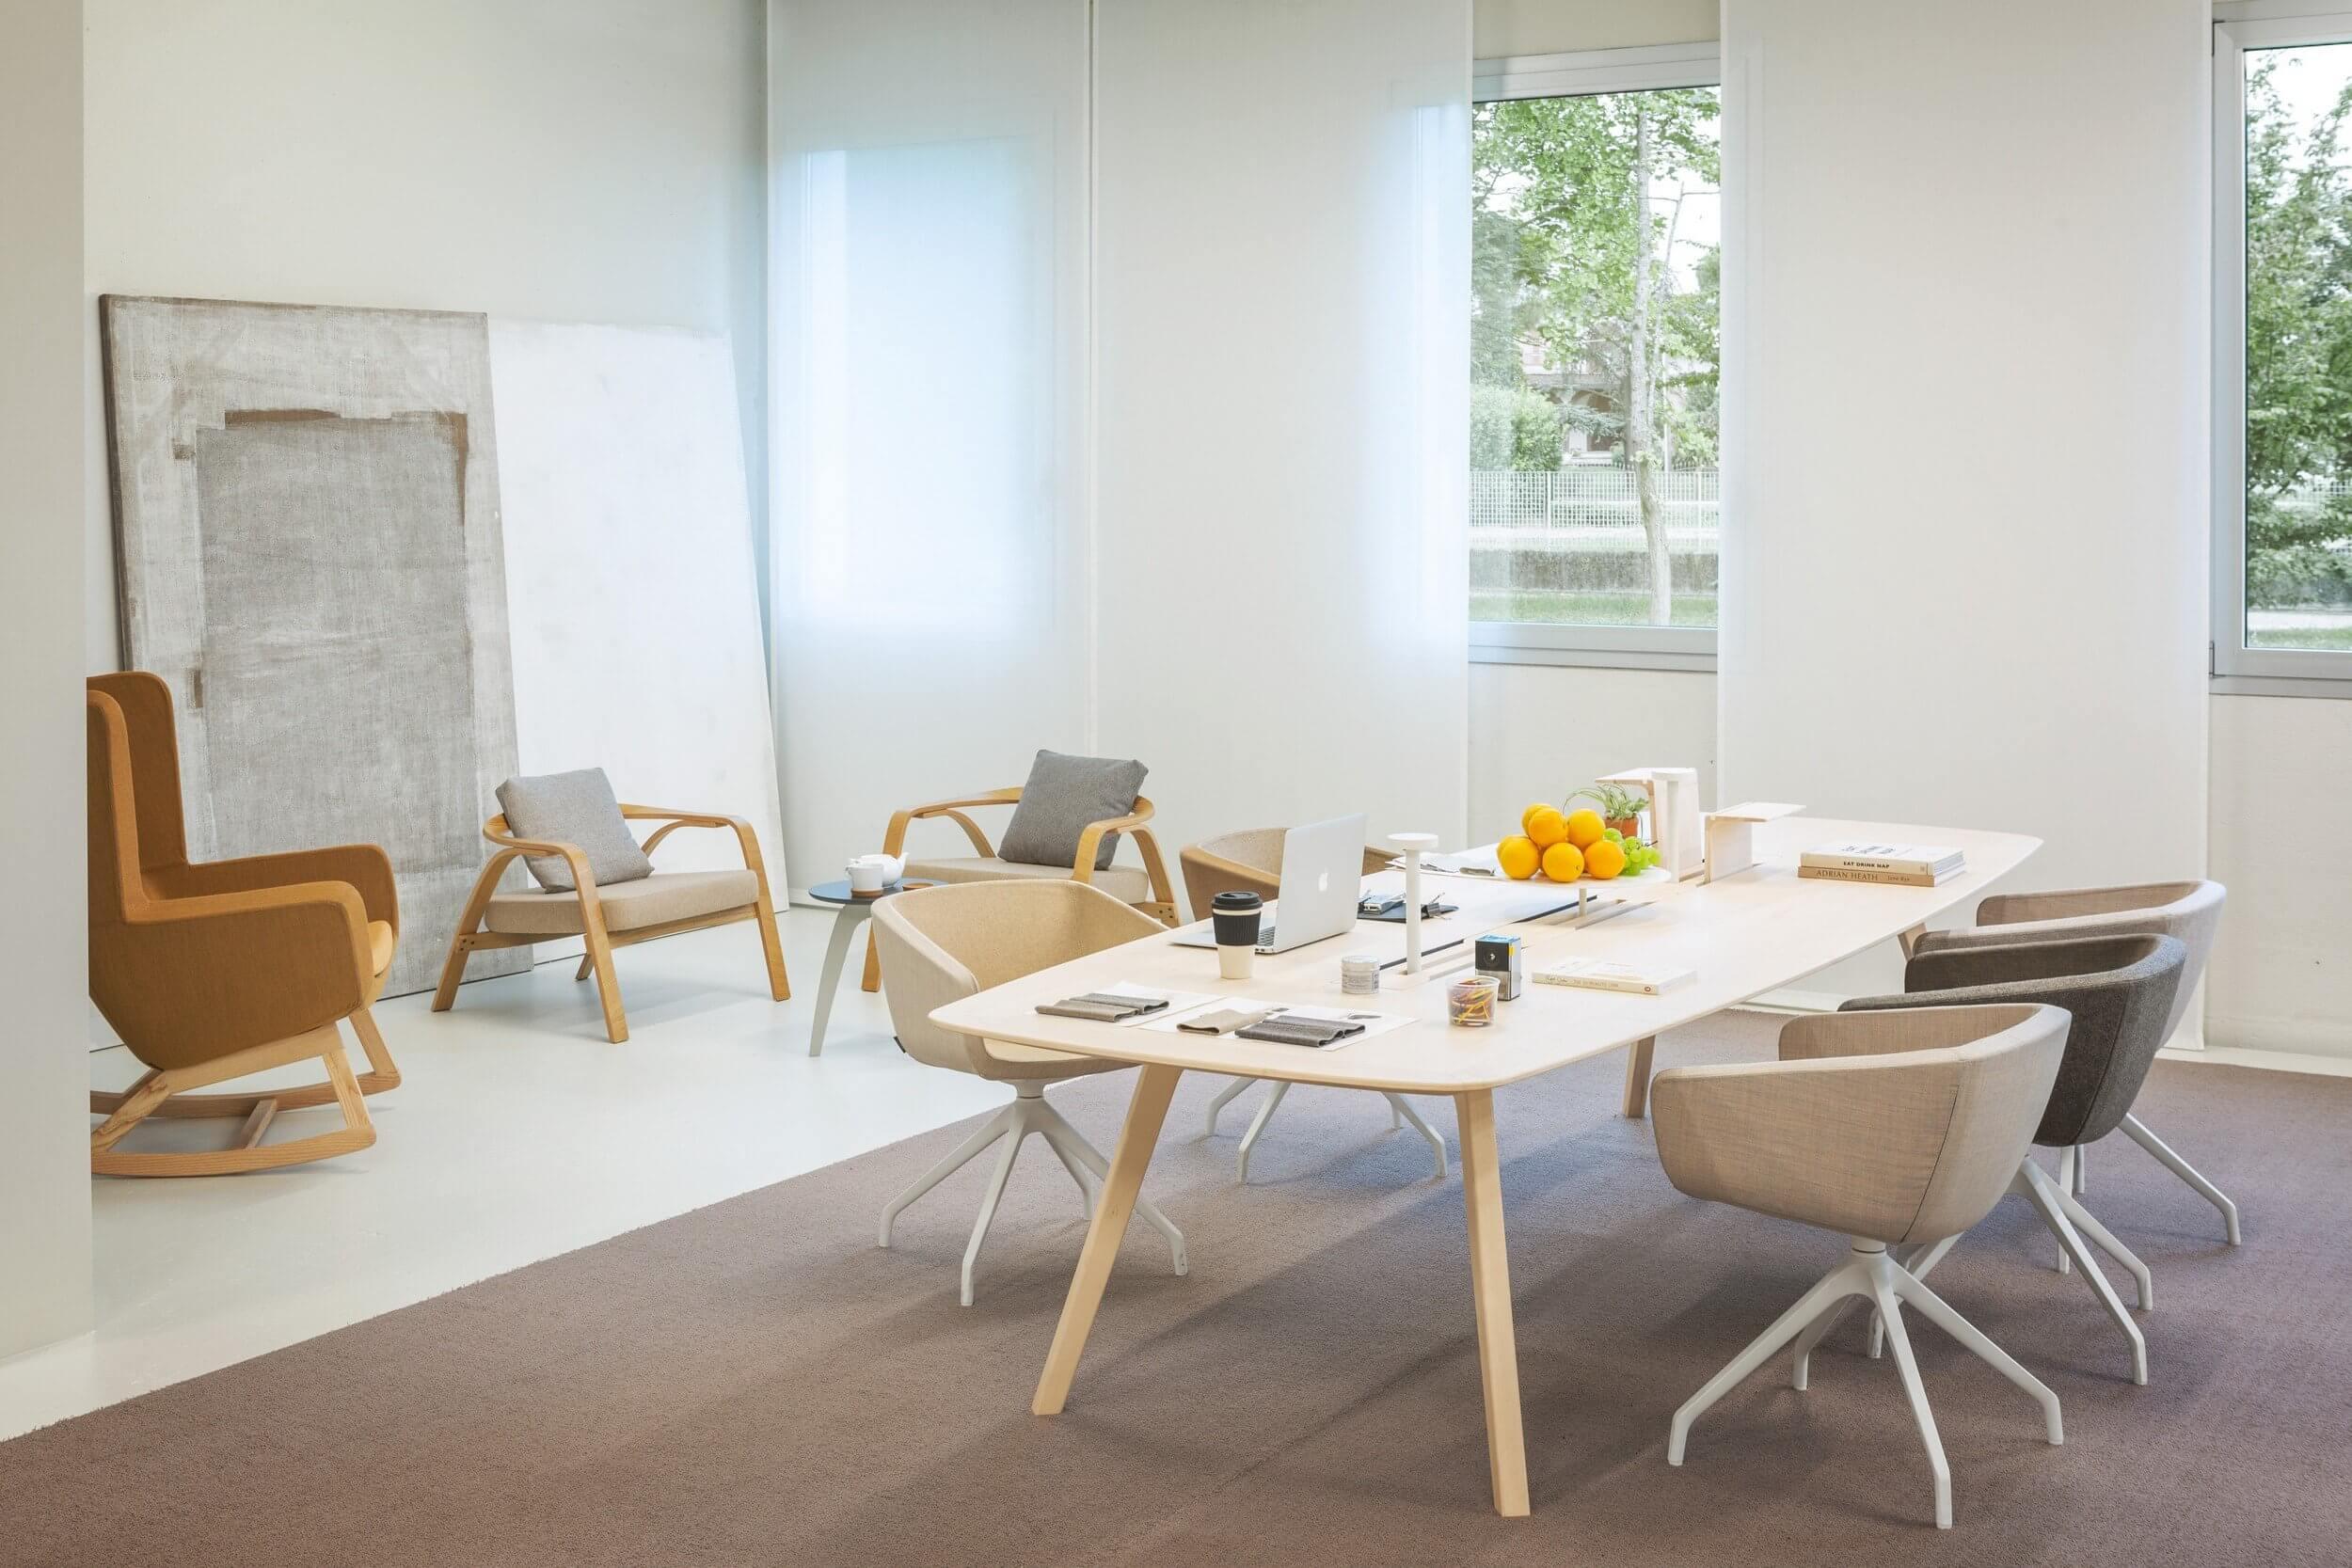 Table de réunion bois WISE